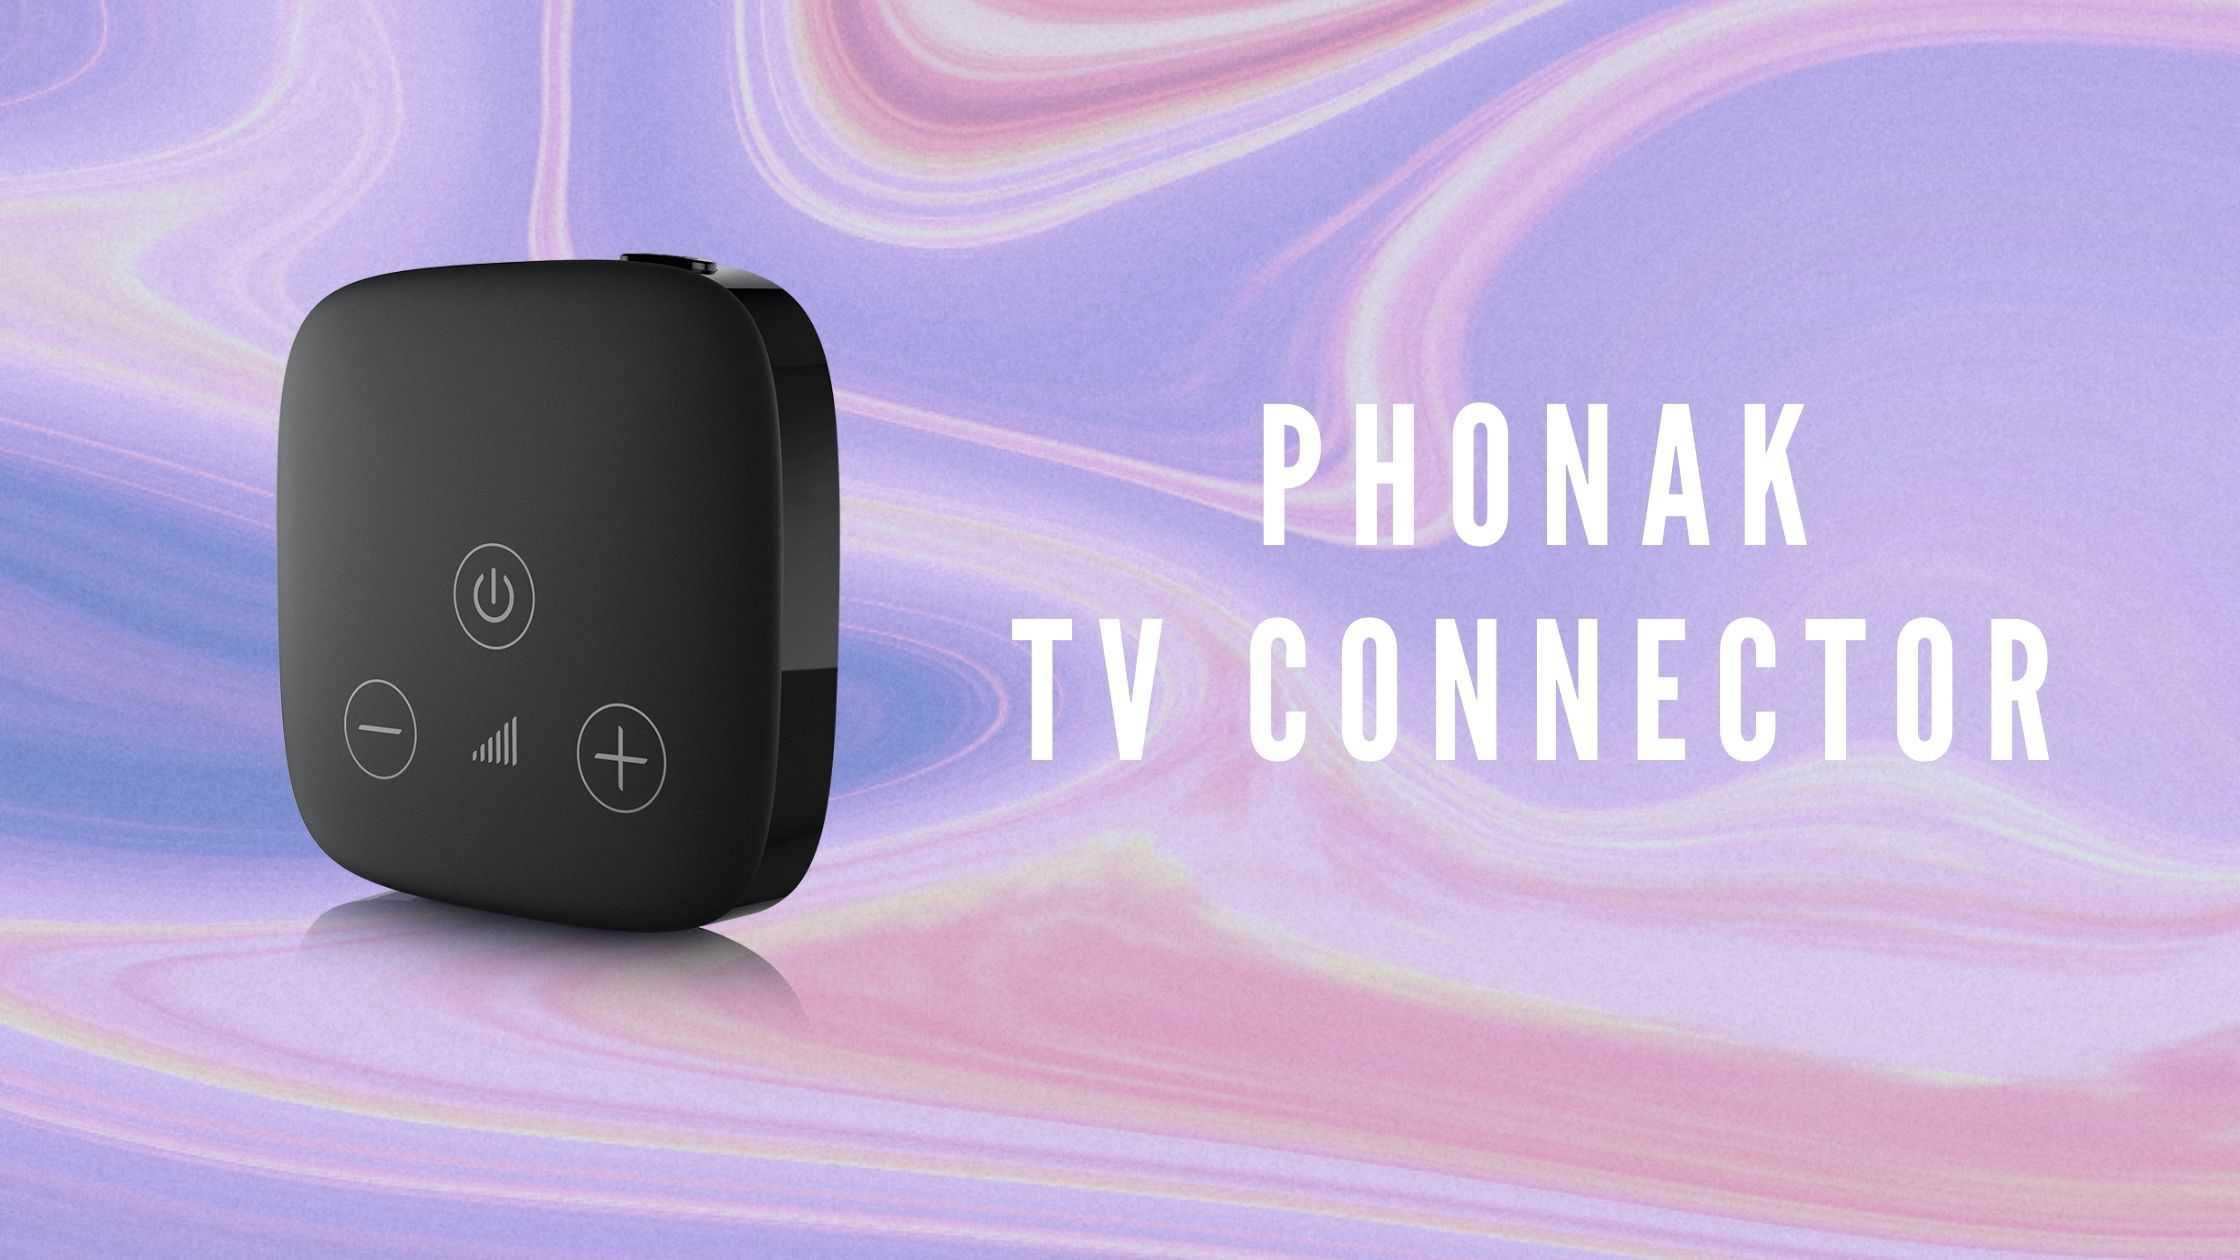 Phonak TV Connector